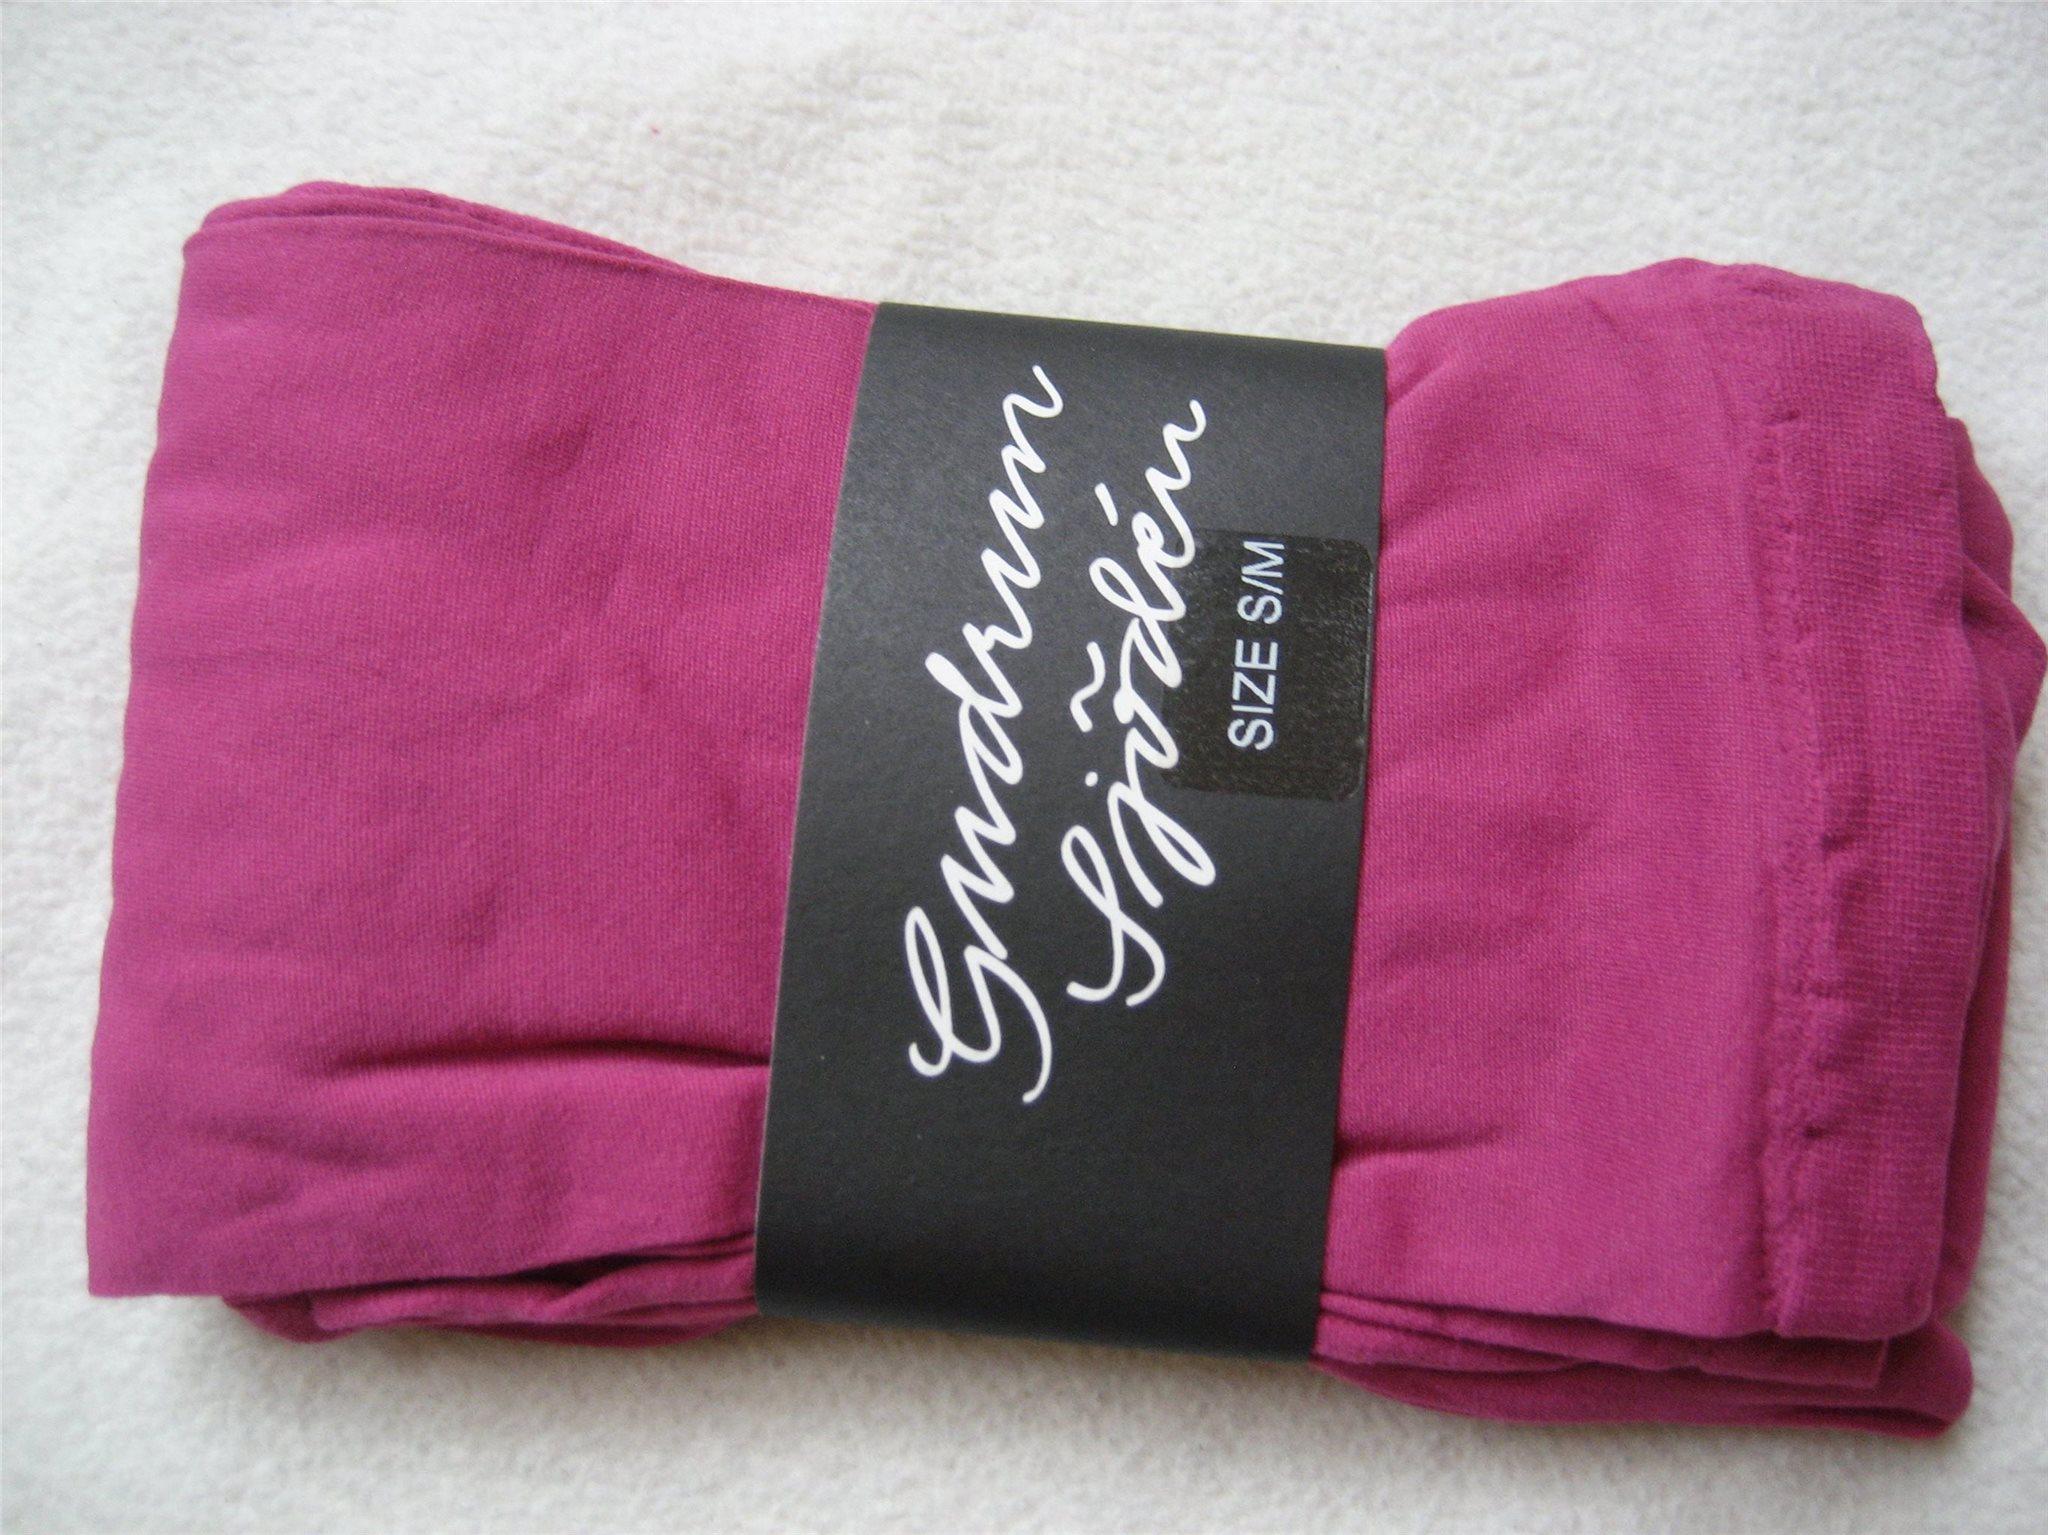 Gudrun Sjödén Sjöden leggings stl S M enfärgade rosa fuchsia nytt oanvänt ae363c935f60e